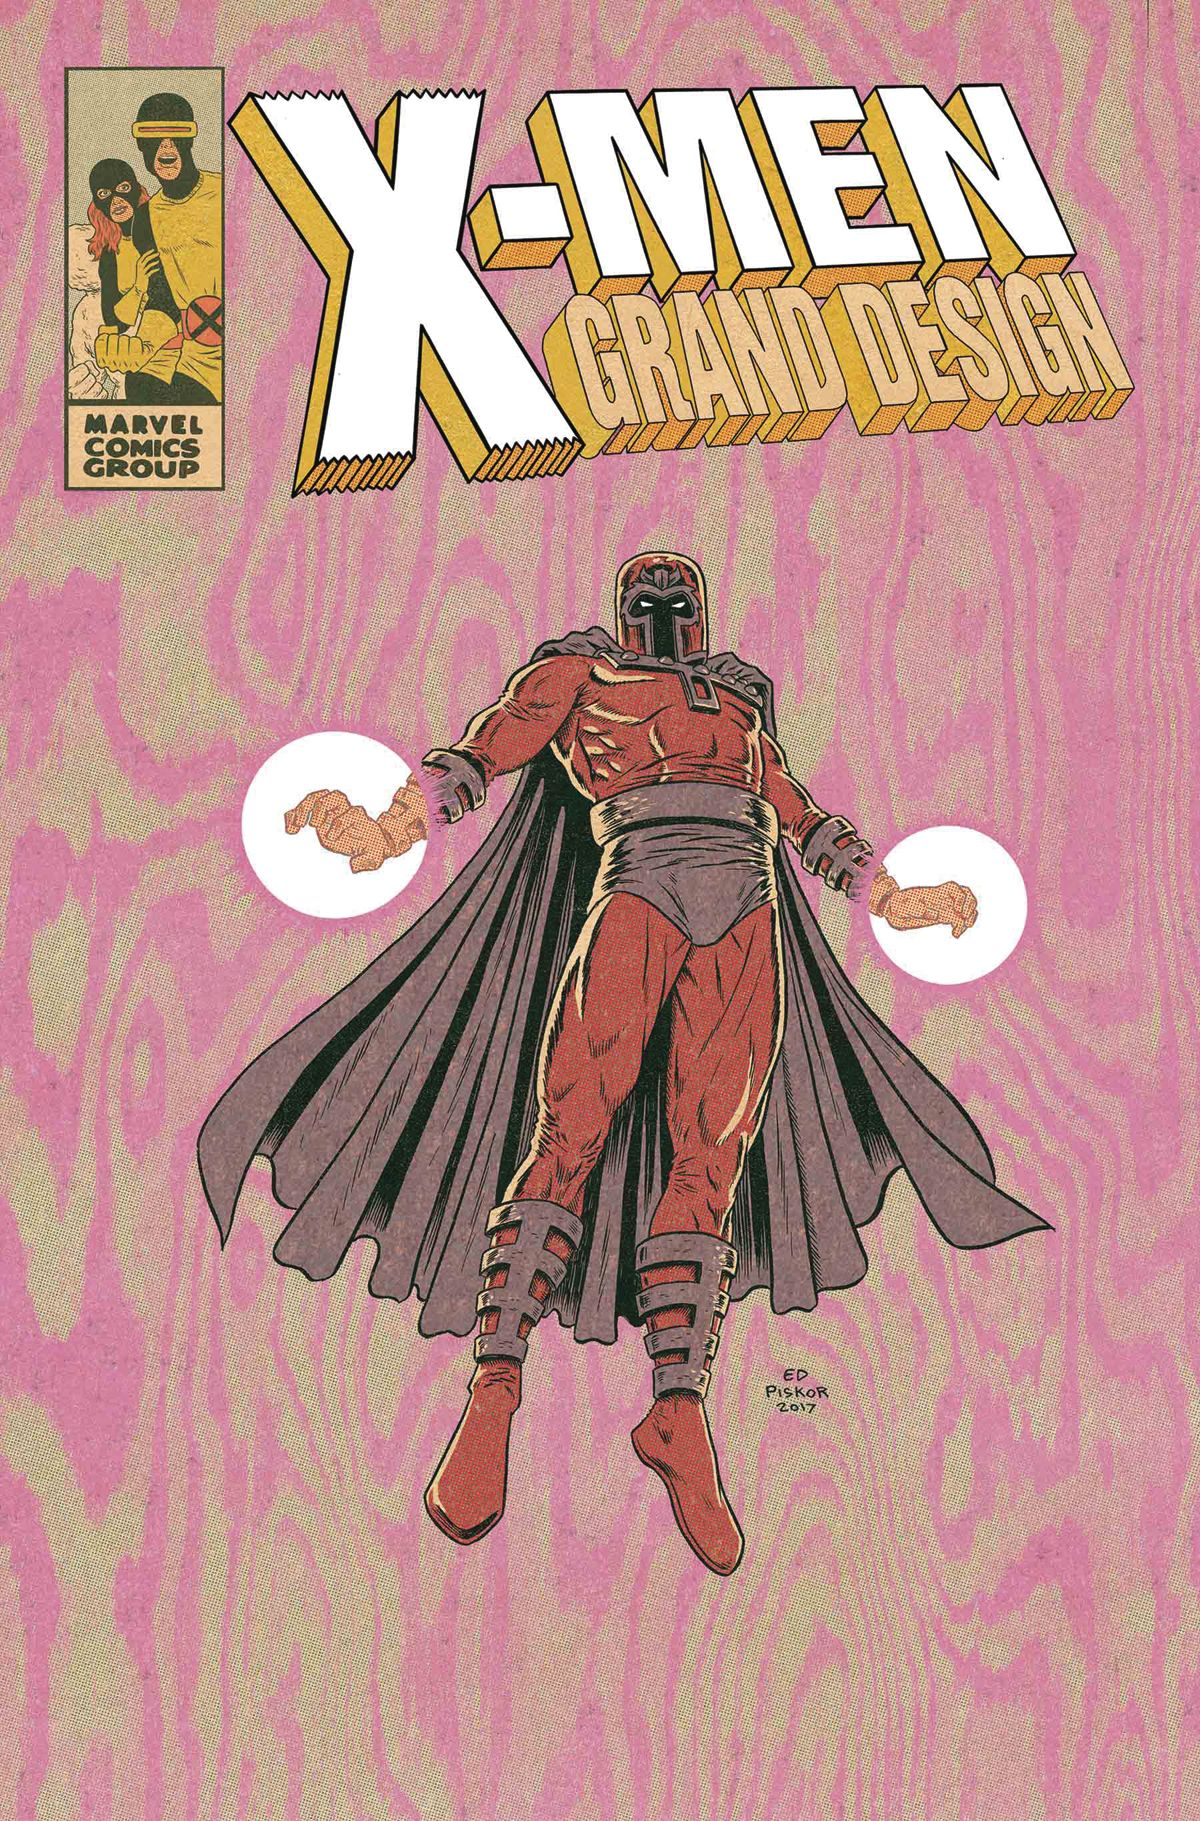 X Men Grand Design 1 Of 2 Piskor Character Var Oct170958 Marvel Comics Art Comics Comic Book Covers